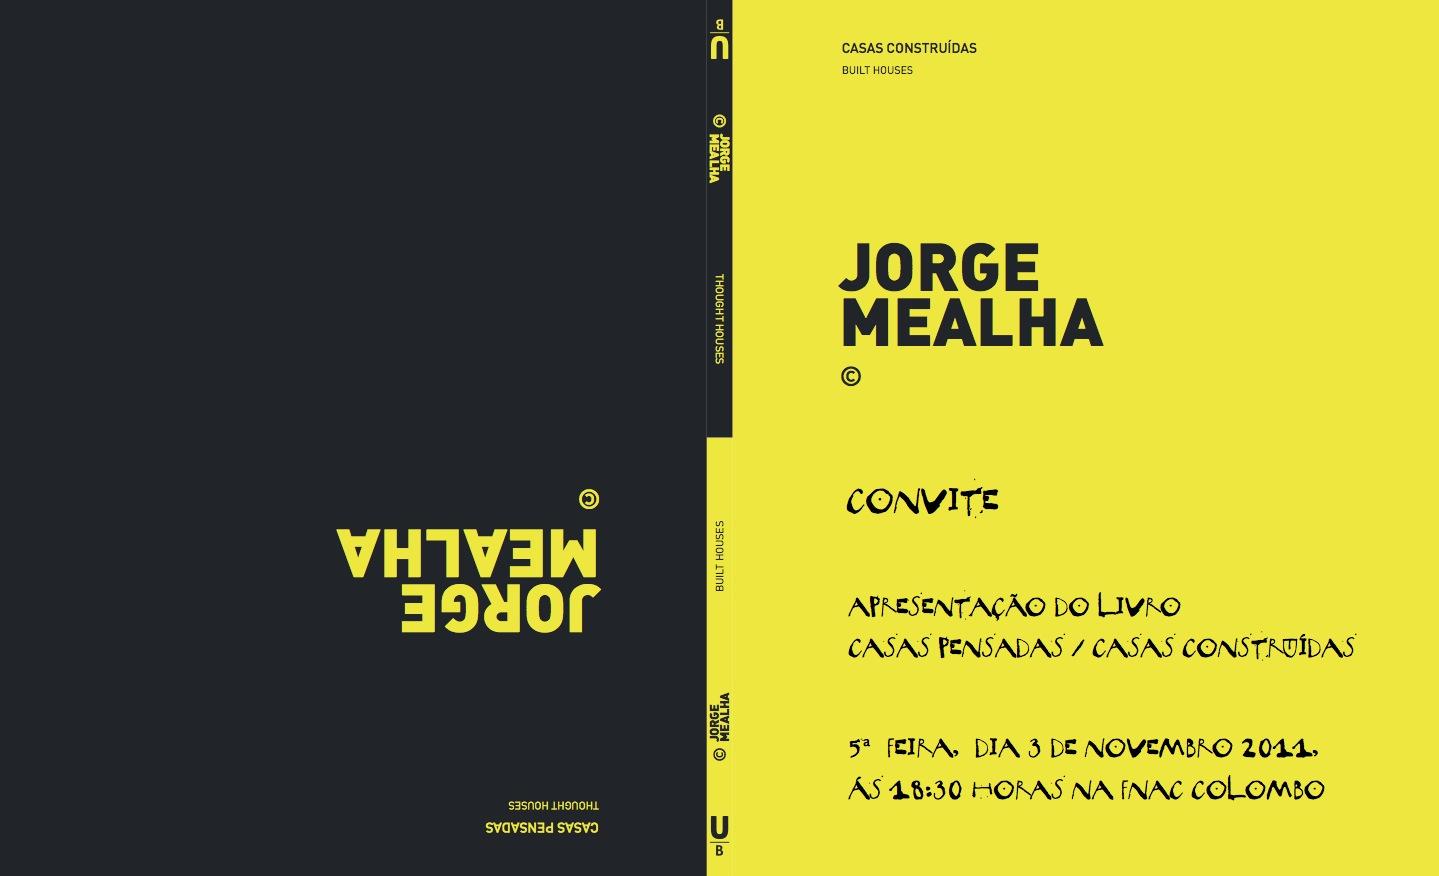 Lançamento do Livro Casas Pensadas.Casas Construídas de Jorge Mealha / Portugal, Convite Divulgação